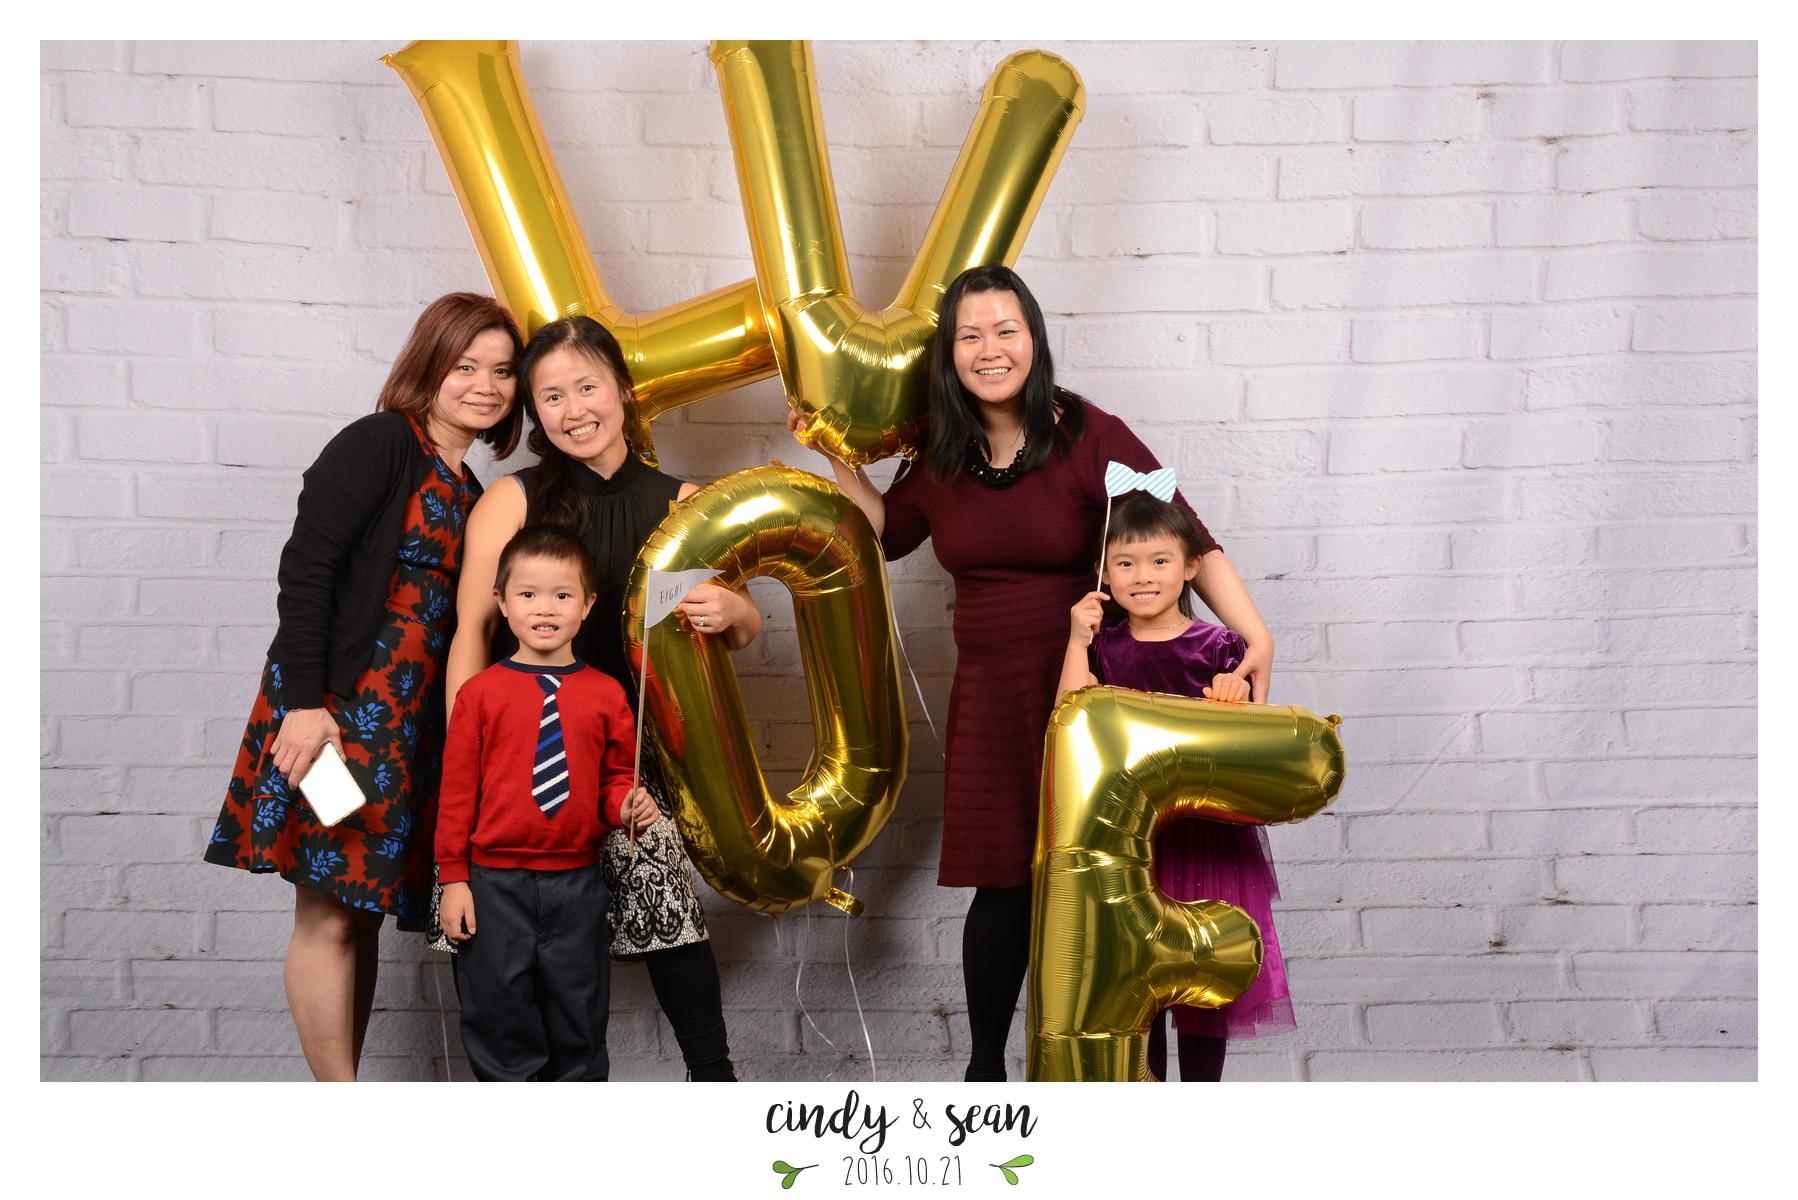 Cindy Sean Bae - 0001-139.jpg